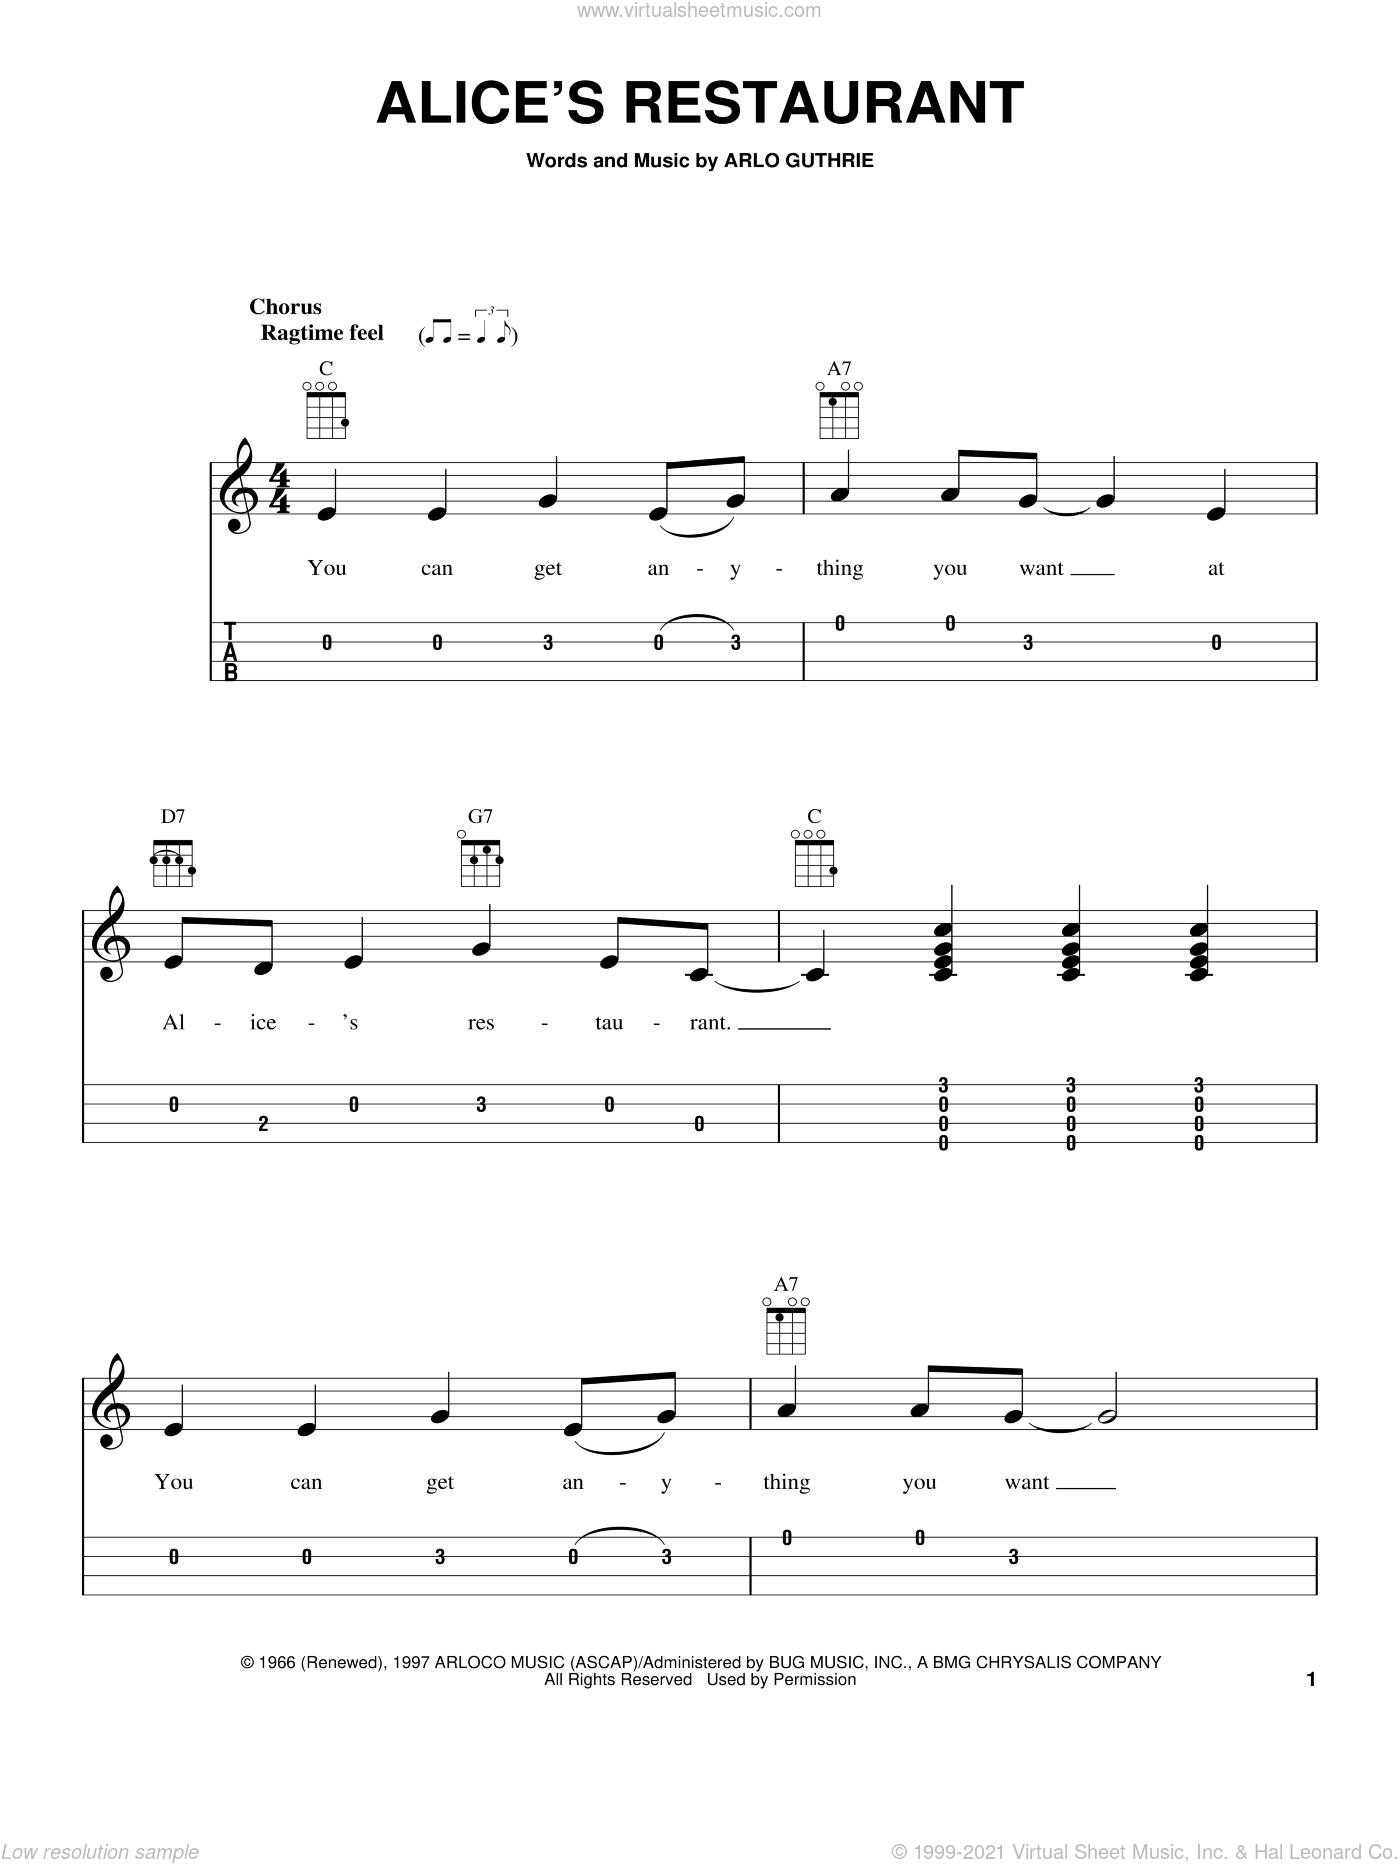 Alice's Restaurant sheet music for ukulele by Arlo Guthrie, intermediate skill level